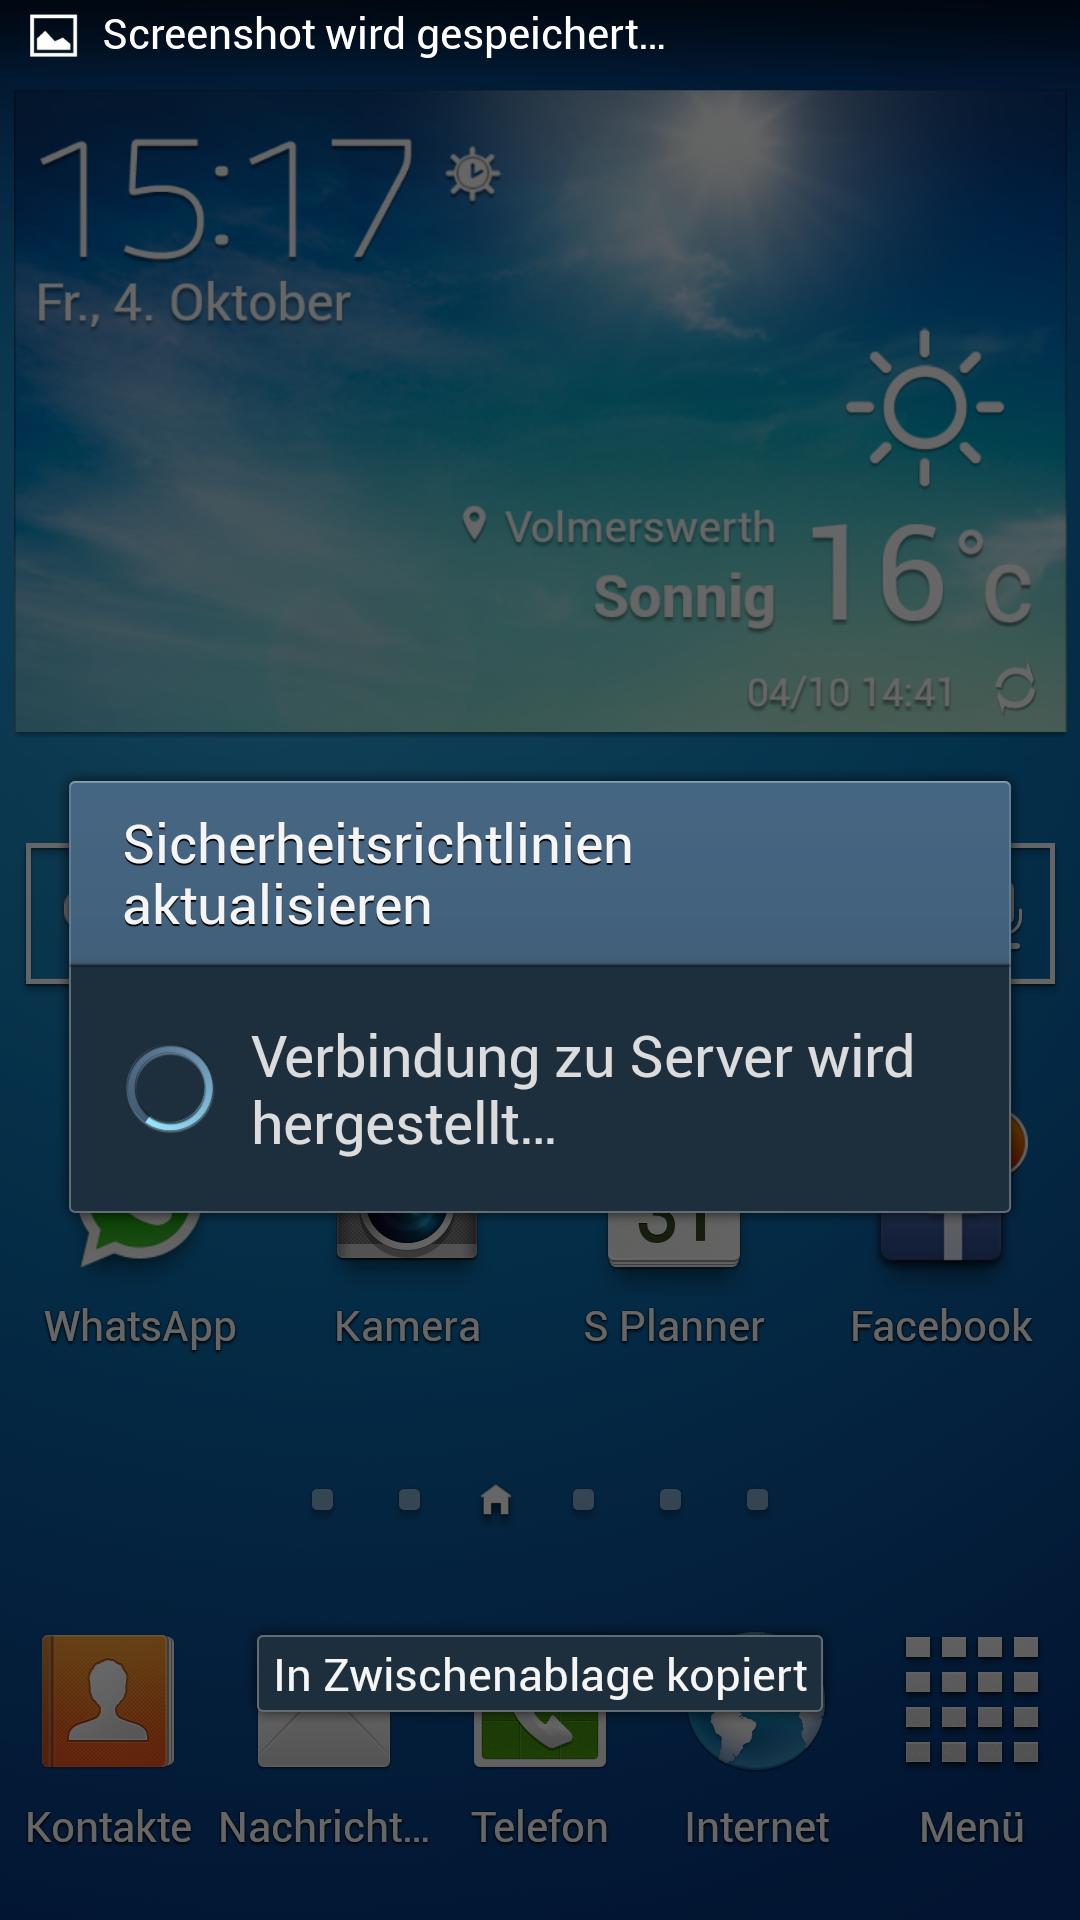 Whatsapp Screenshot Meldung